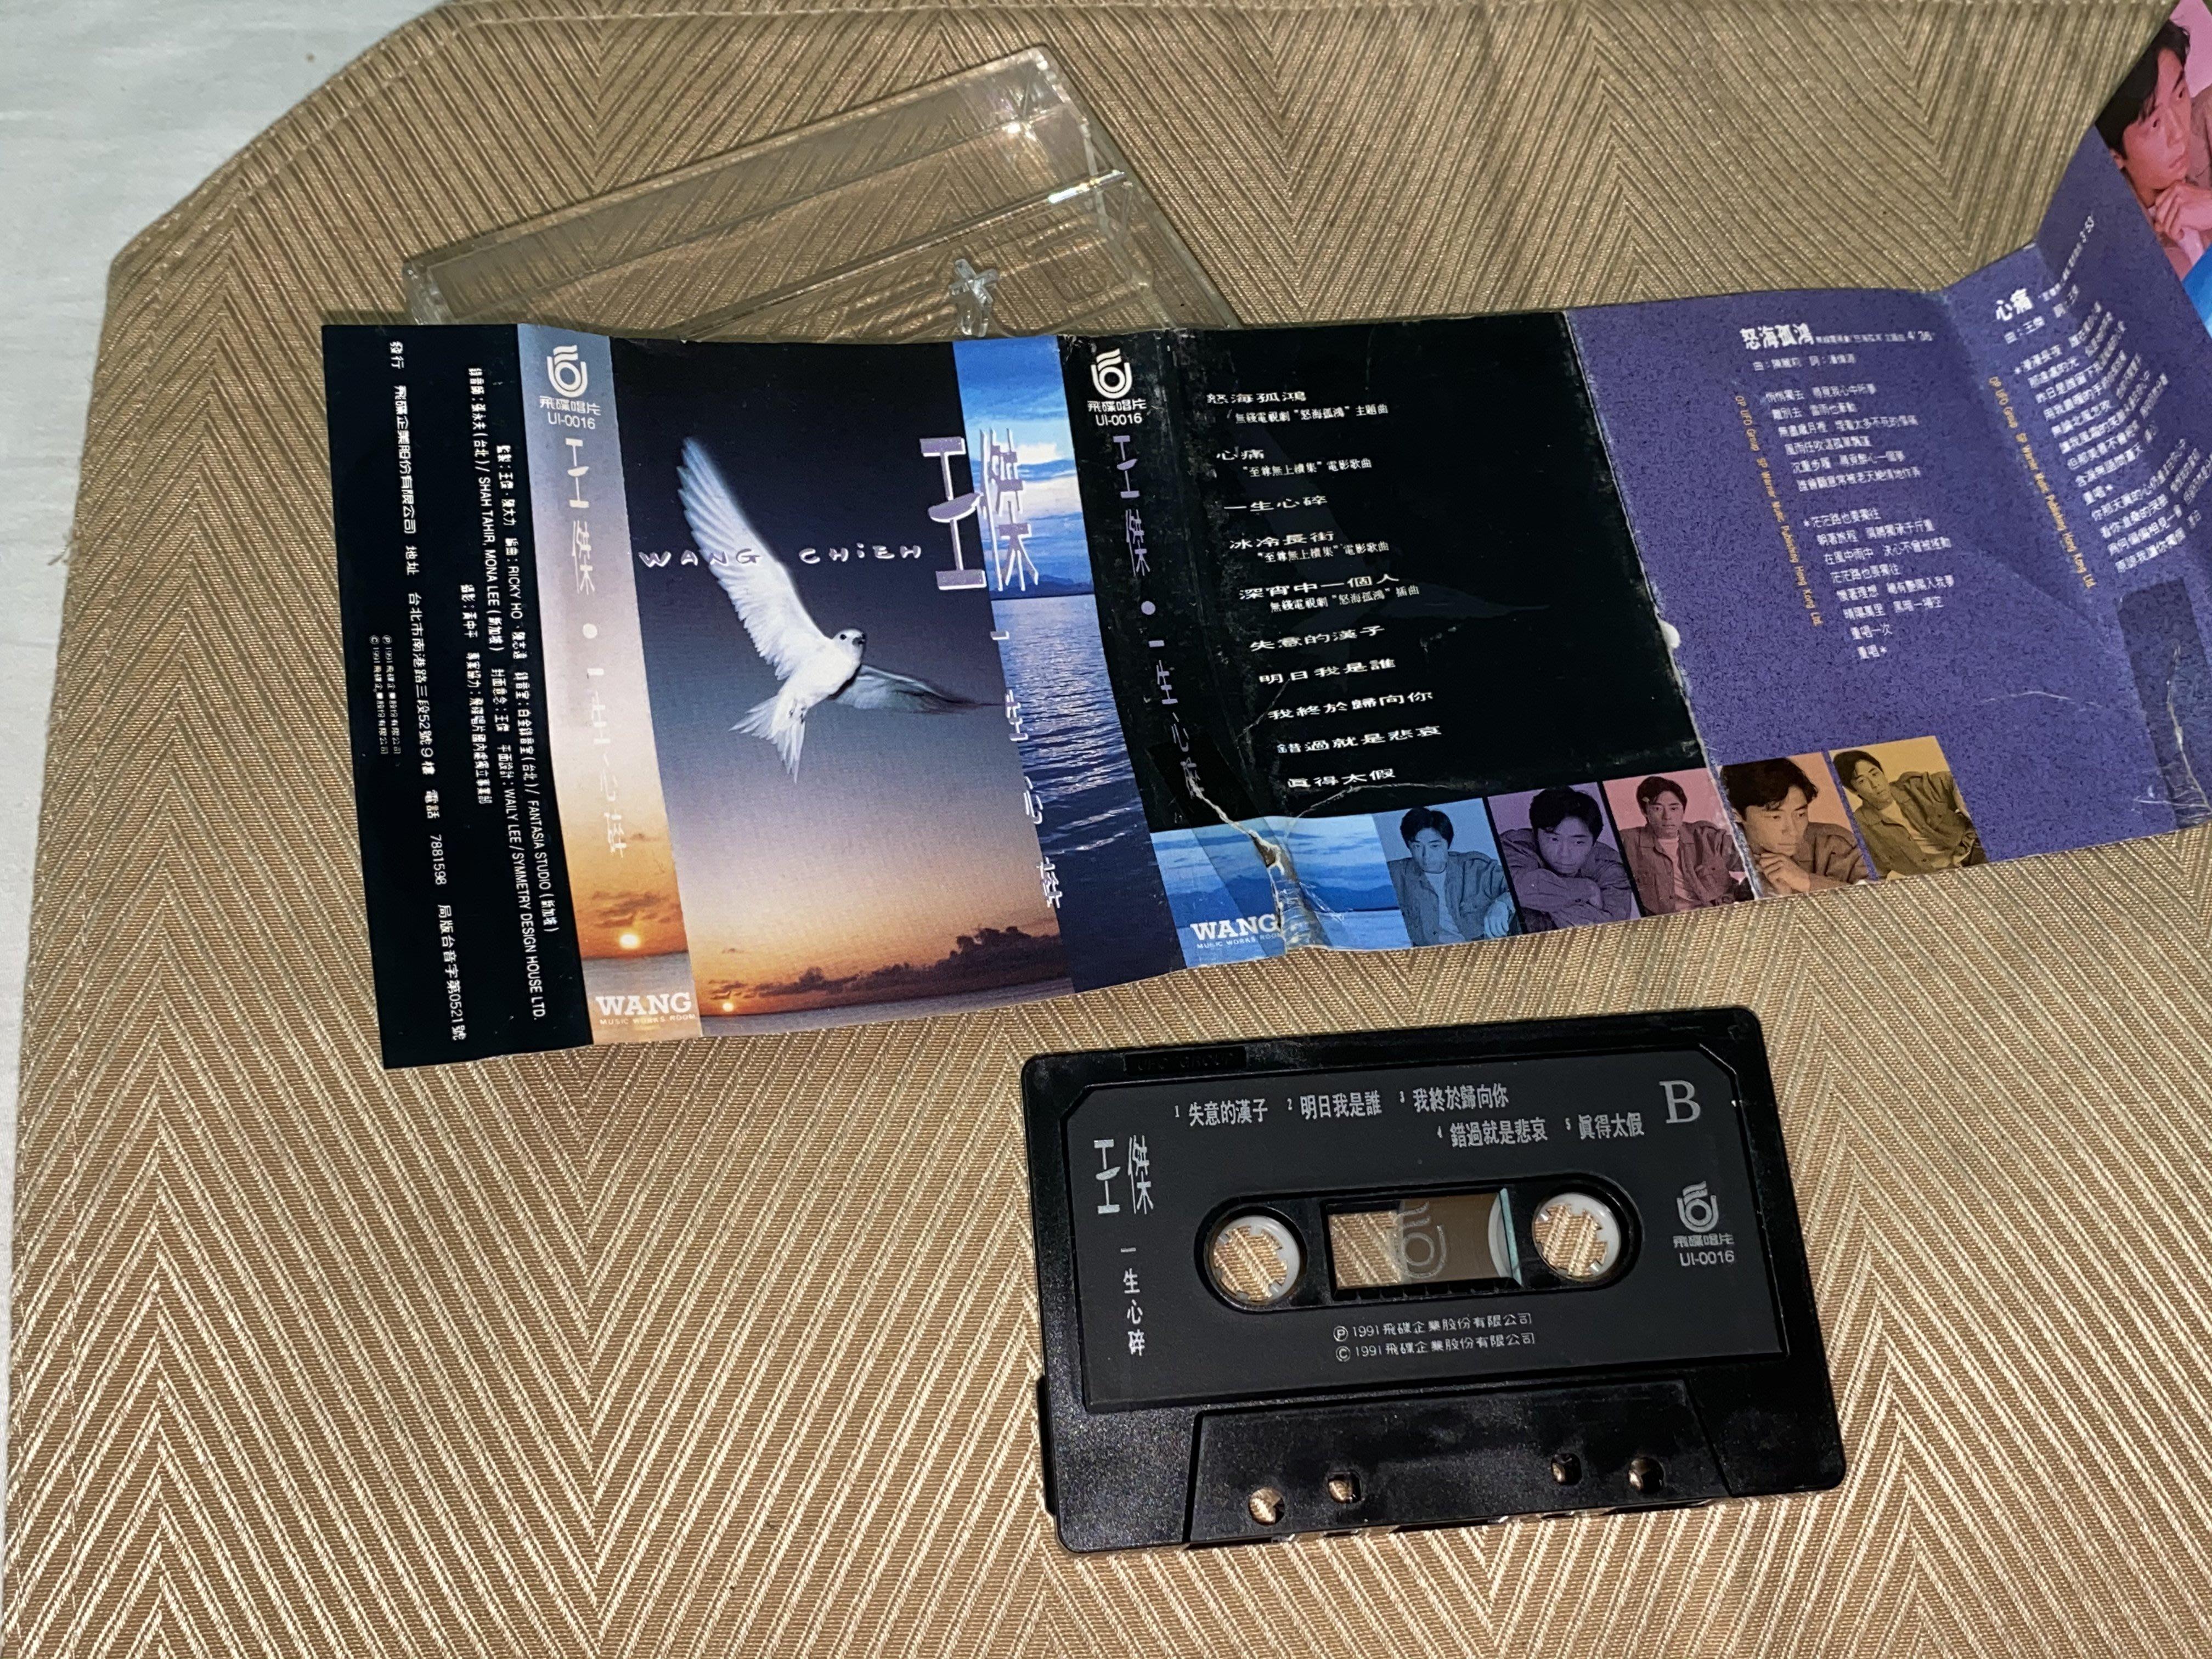 【李歐的音樂】飛碟唱片1991年 王傑 一生心碎 怒海孤鴻 冷冰長街 錄音帶